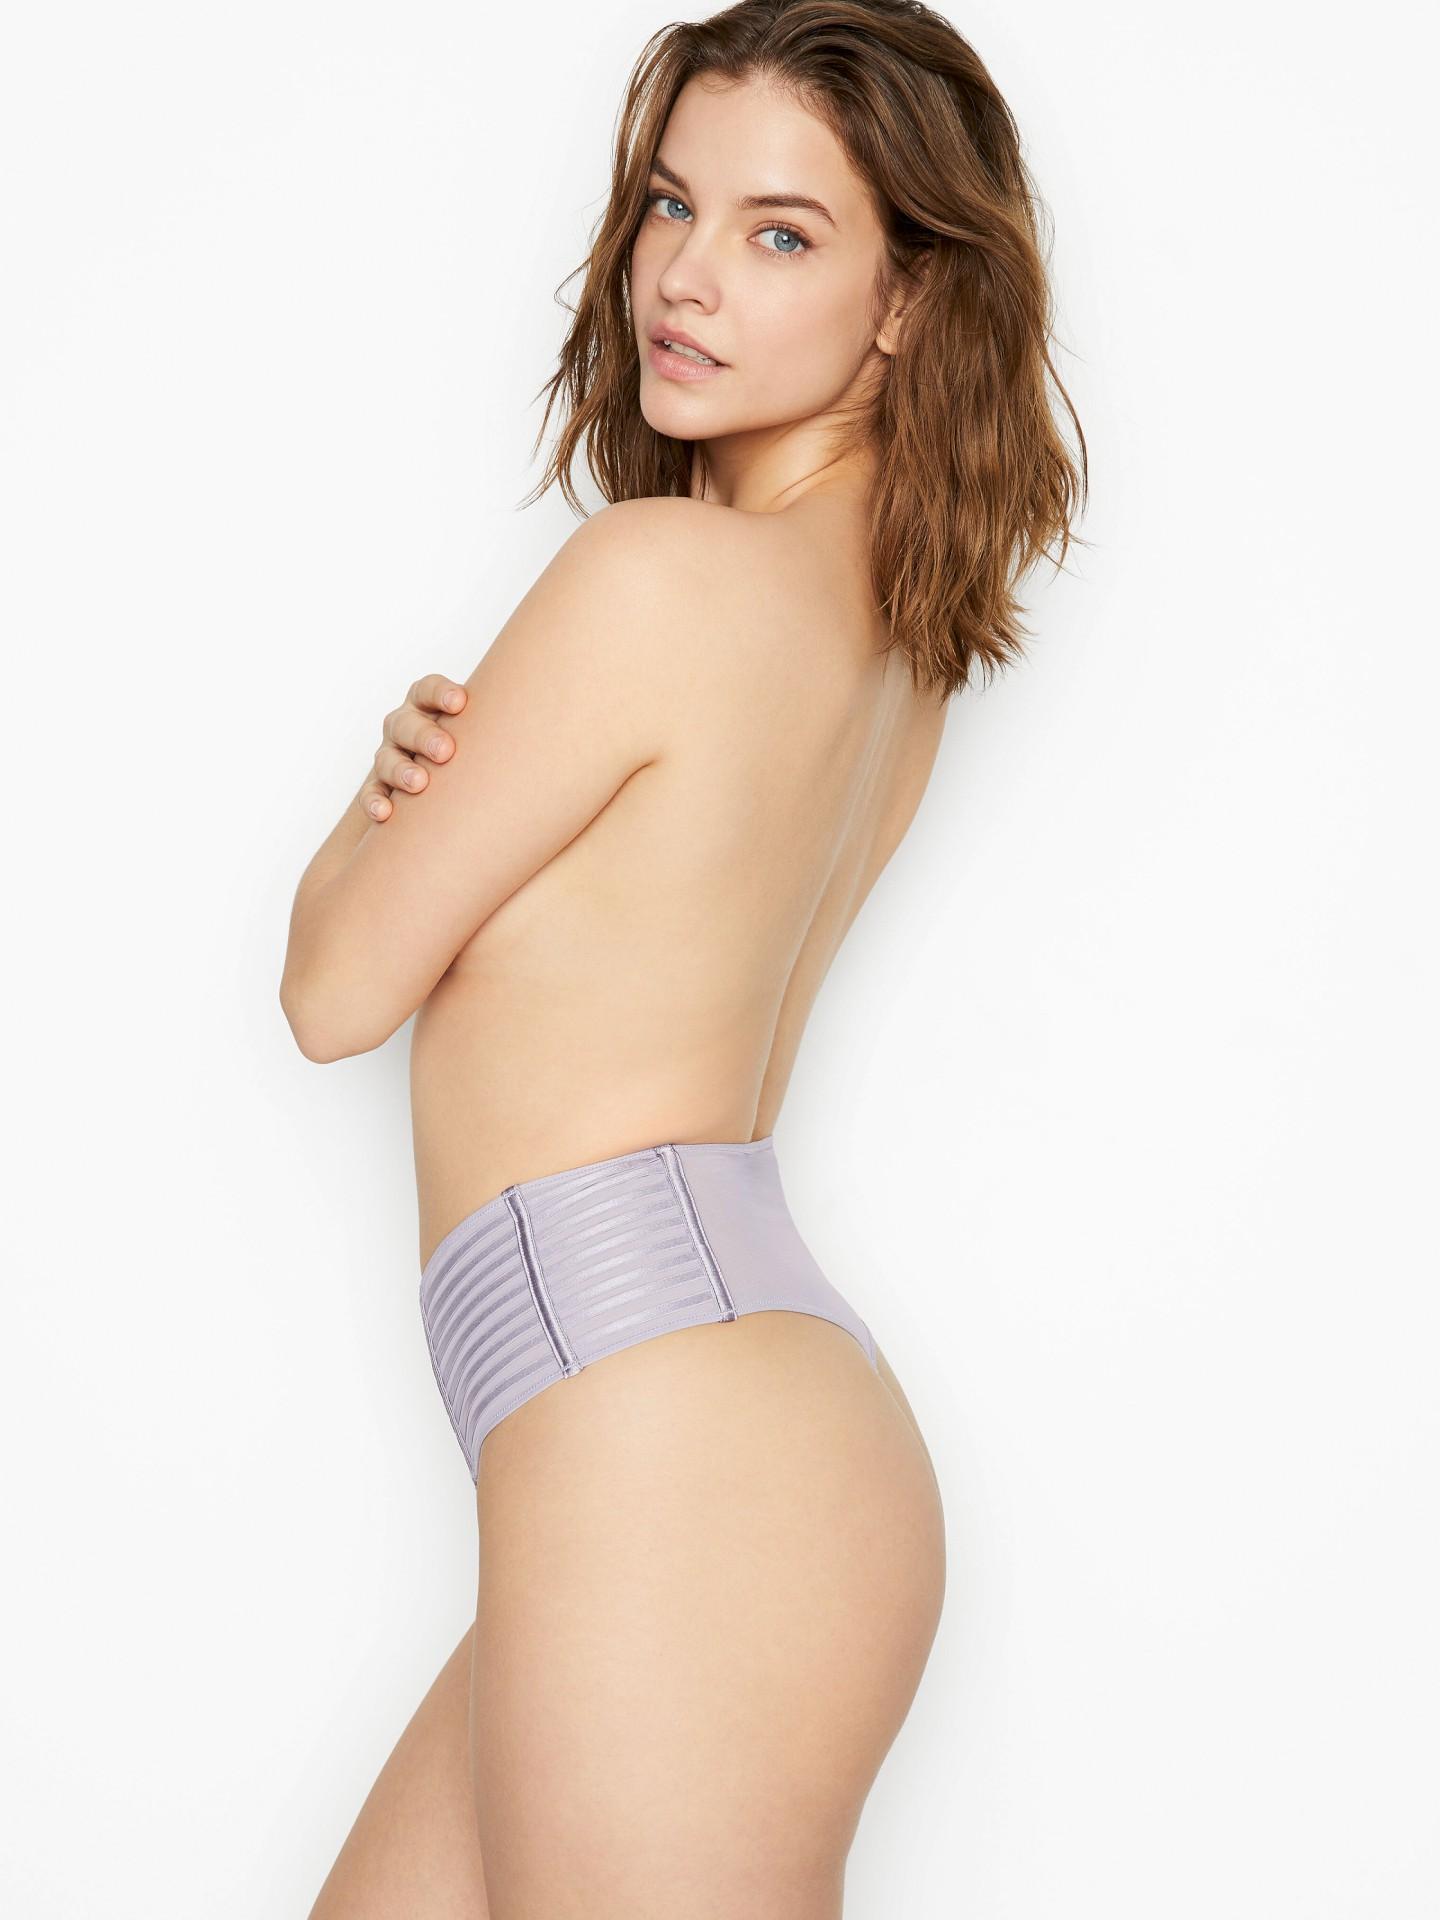 Barbara Palvin Sexy Ass In Panties